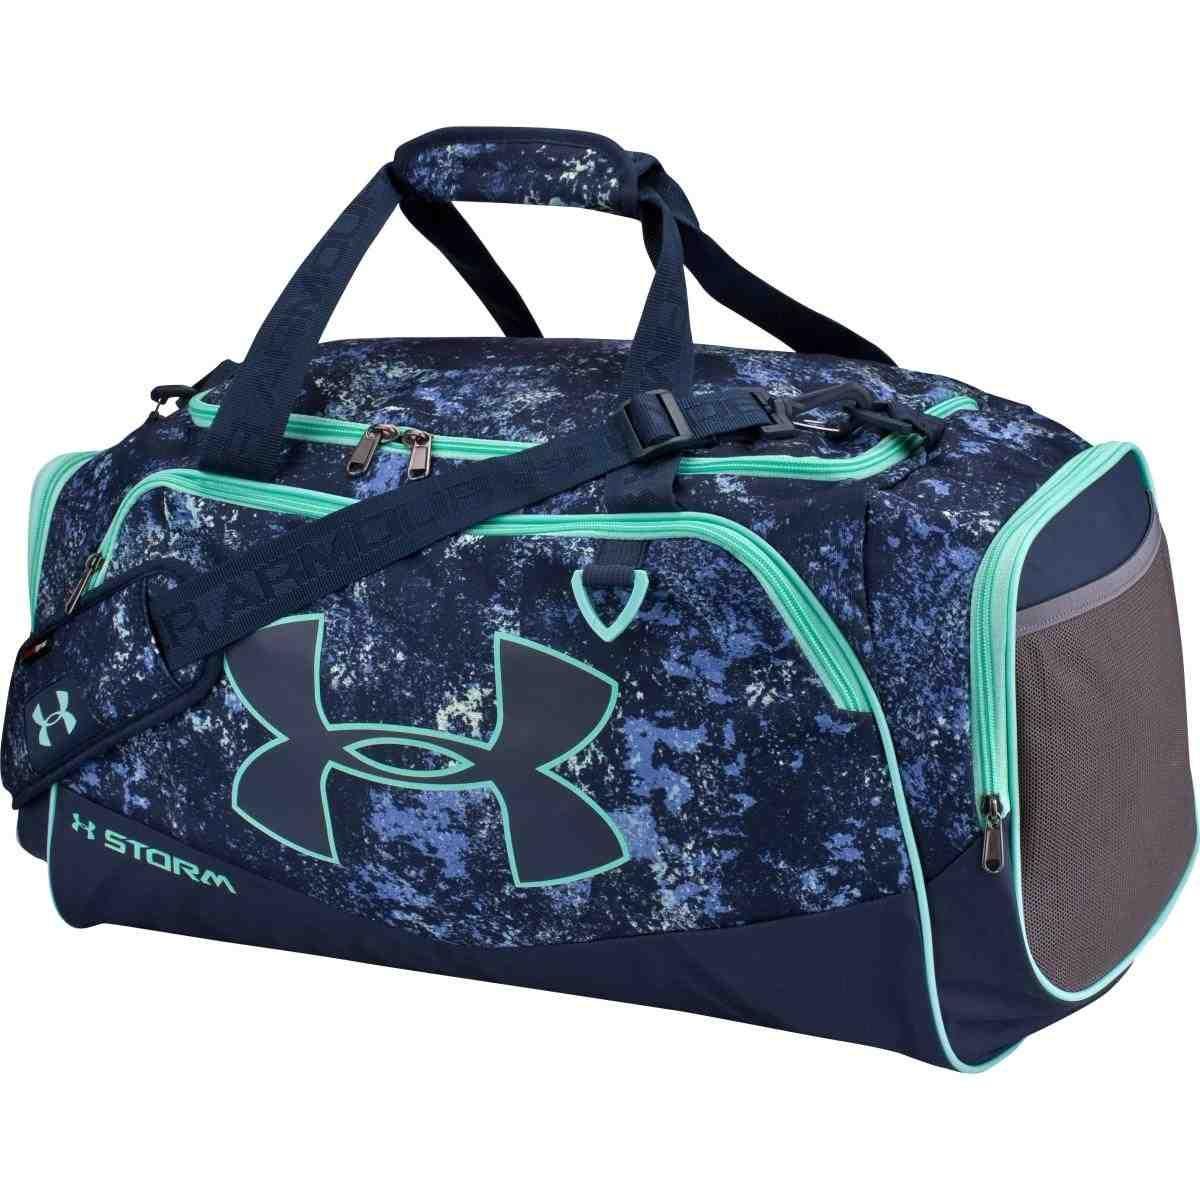 d09939d191 Basketball Sports Bag